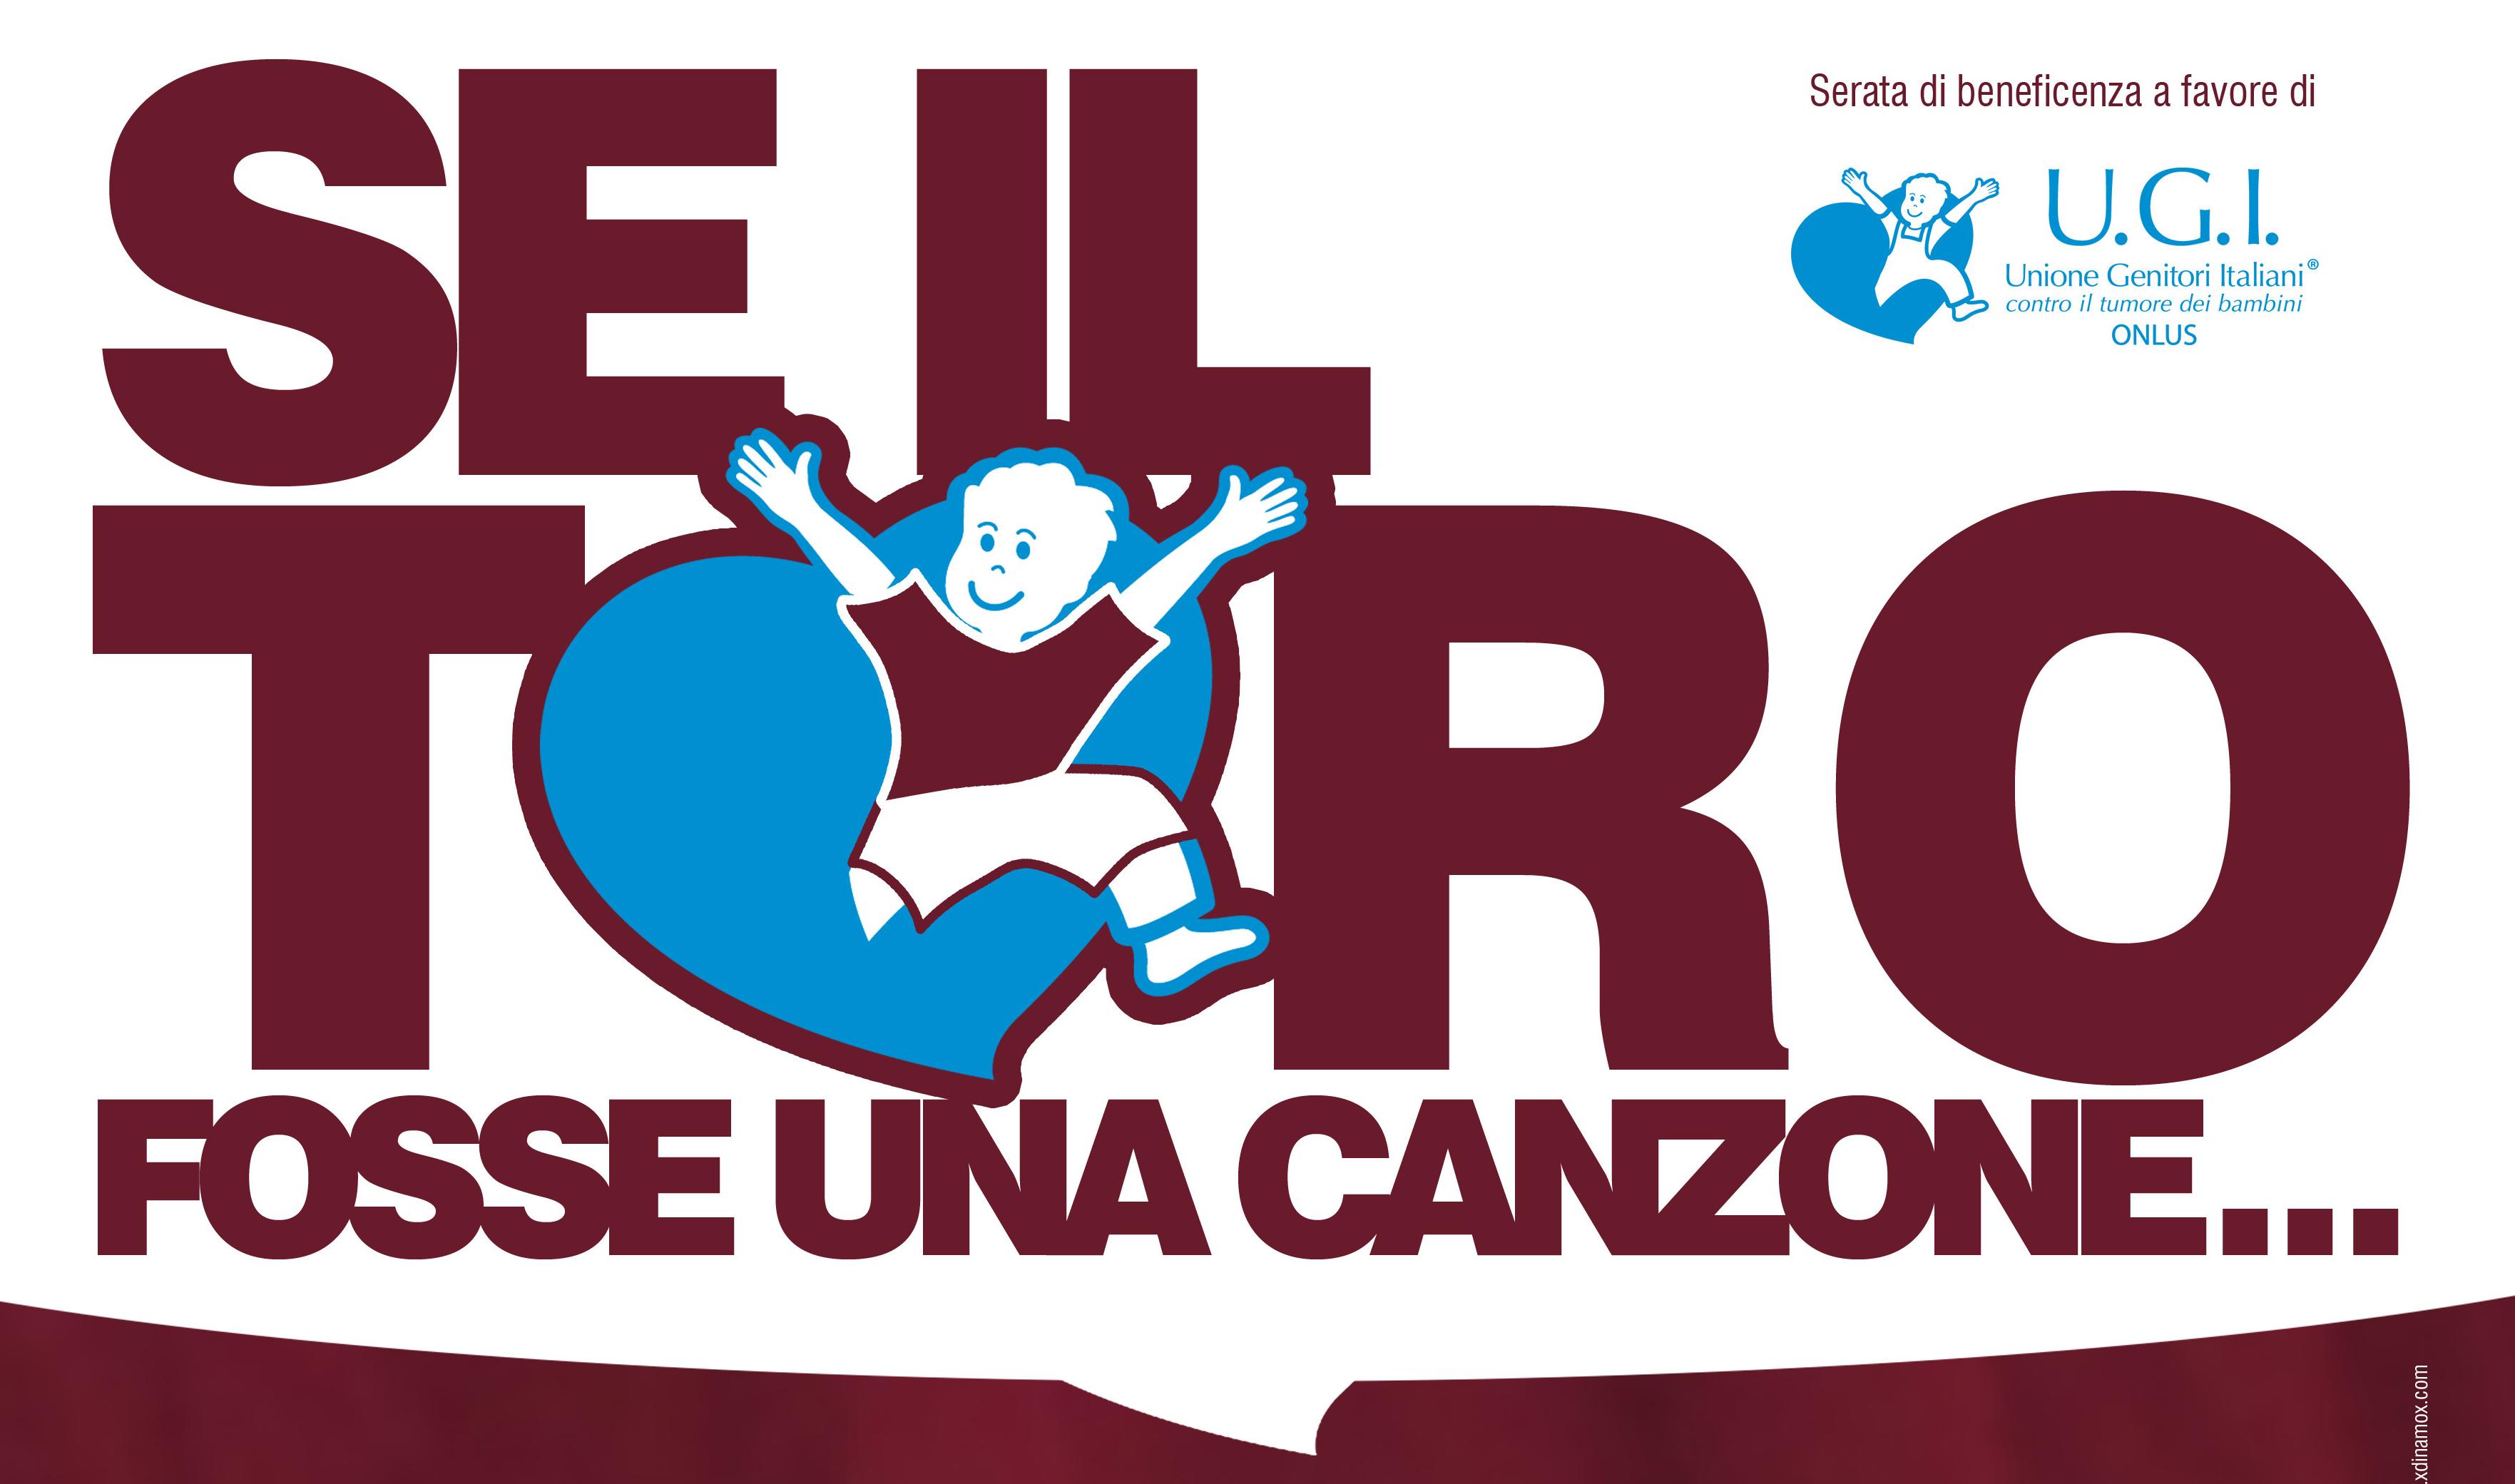 Suzuki con Torino FC a sostegno di Casa UGI